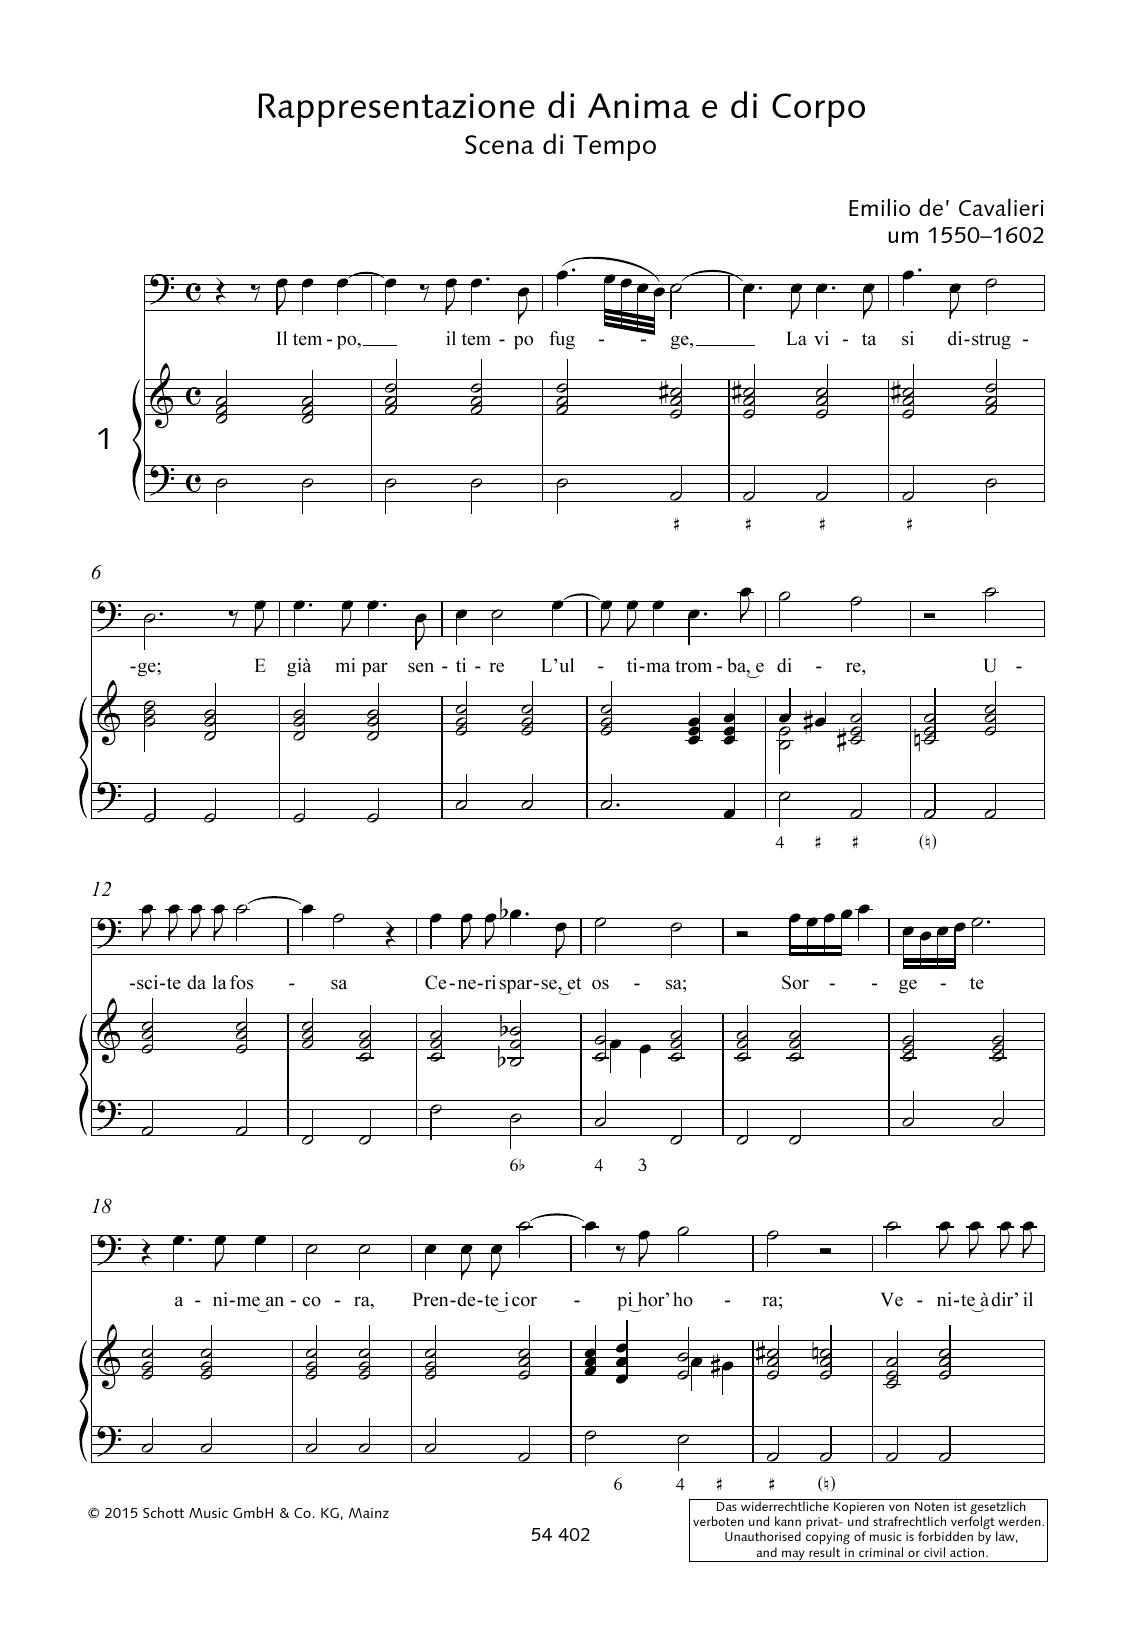 Emilio de Cavalieri Il tempo fugge, La vita si distrugge sheet music preview music notes and score for Piano & Vocal including 3 page(s)